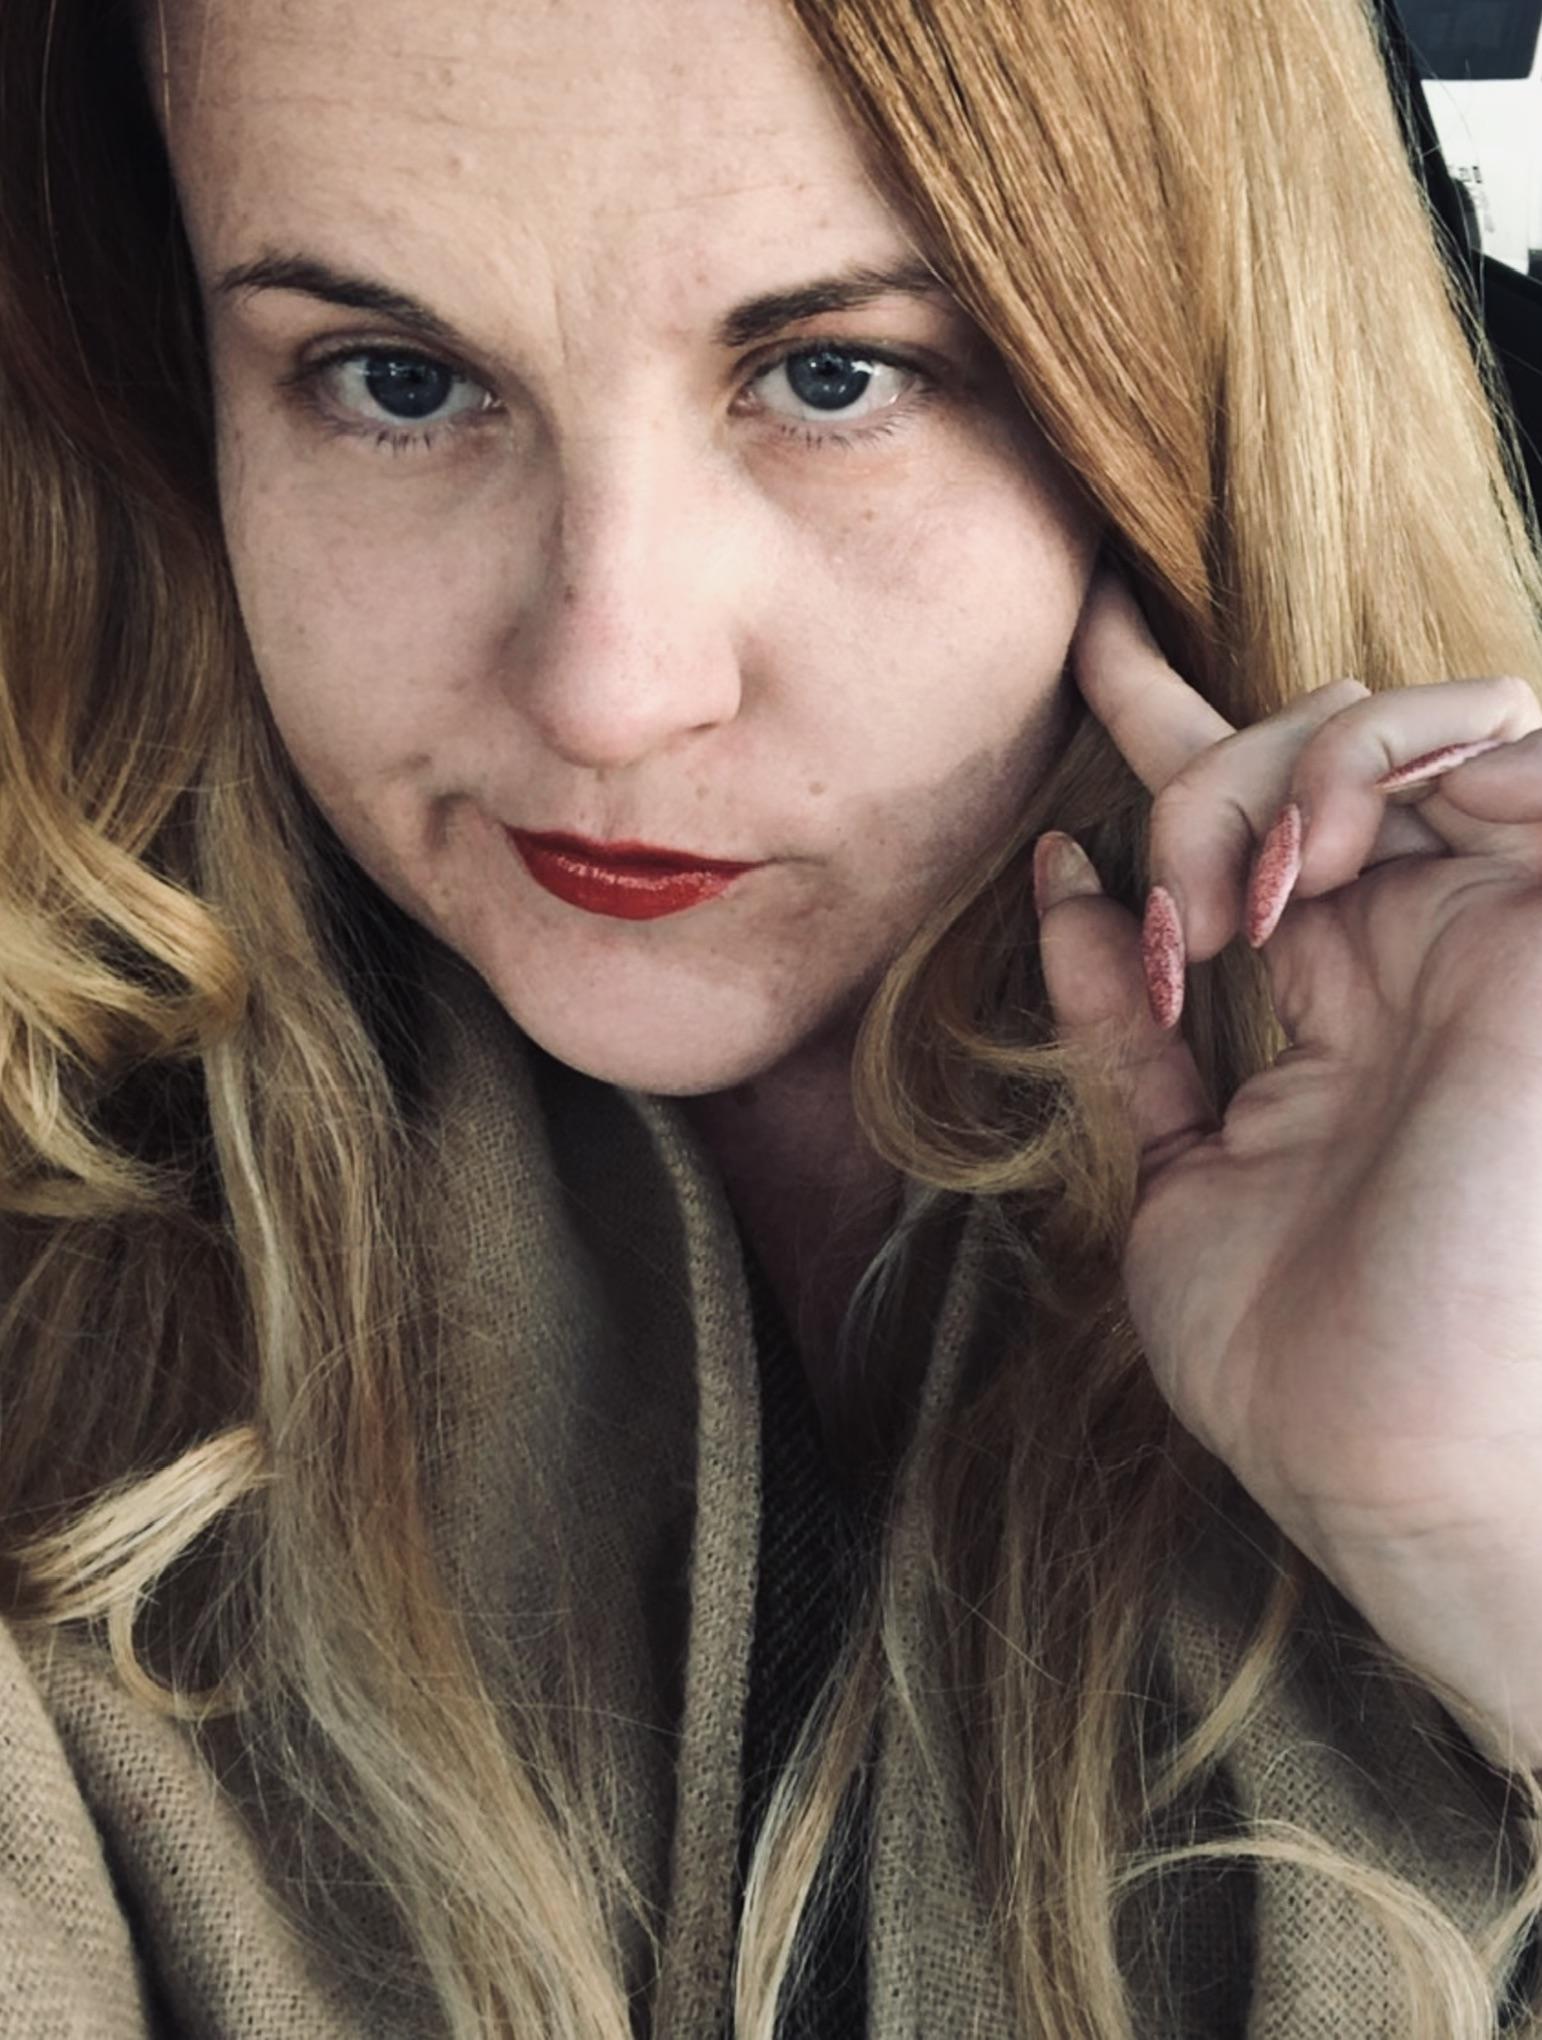 Kaitlyn Hulsy